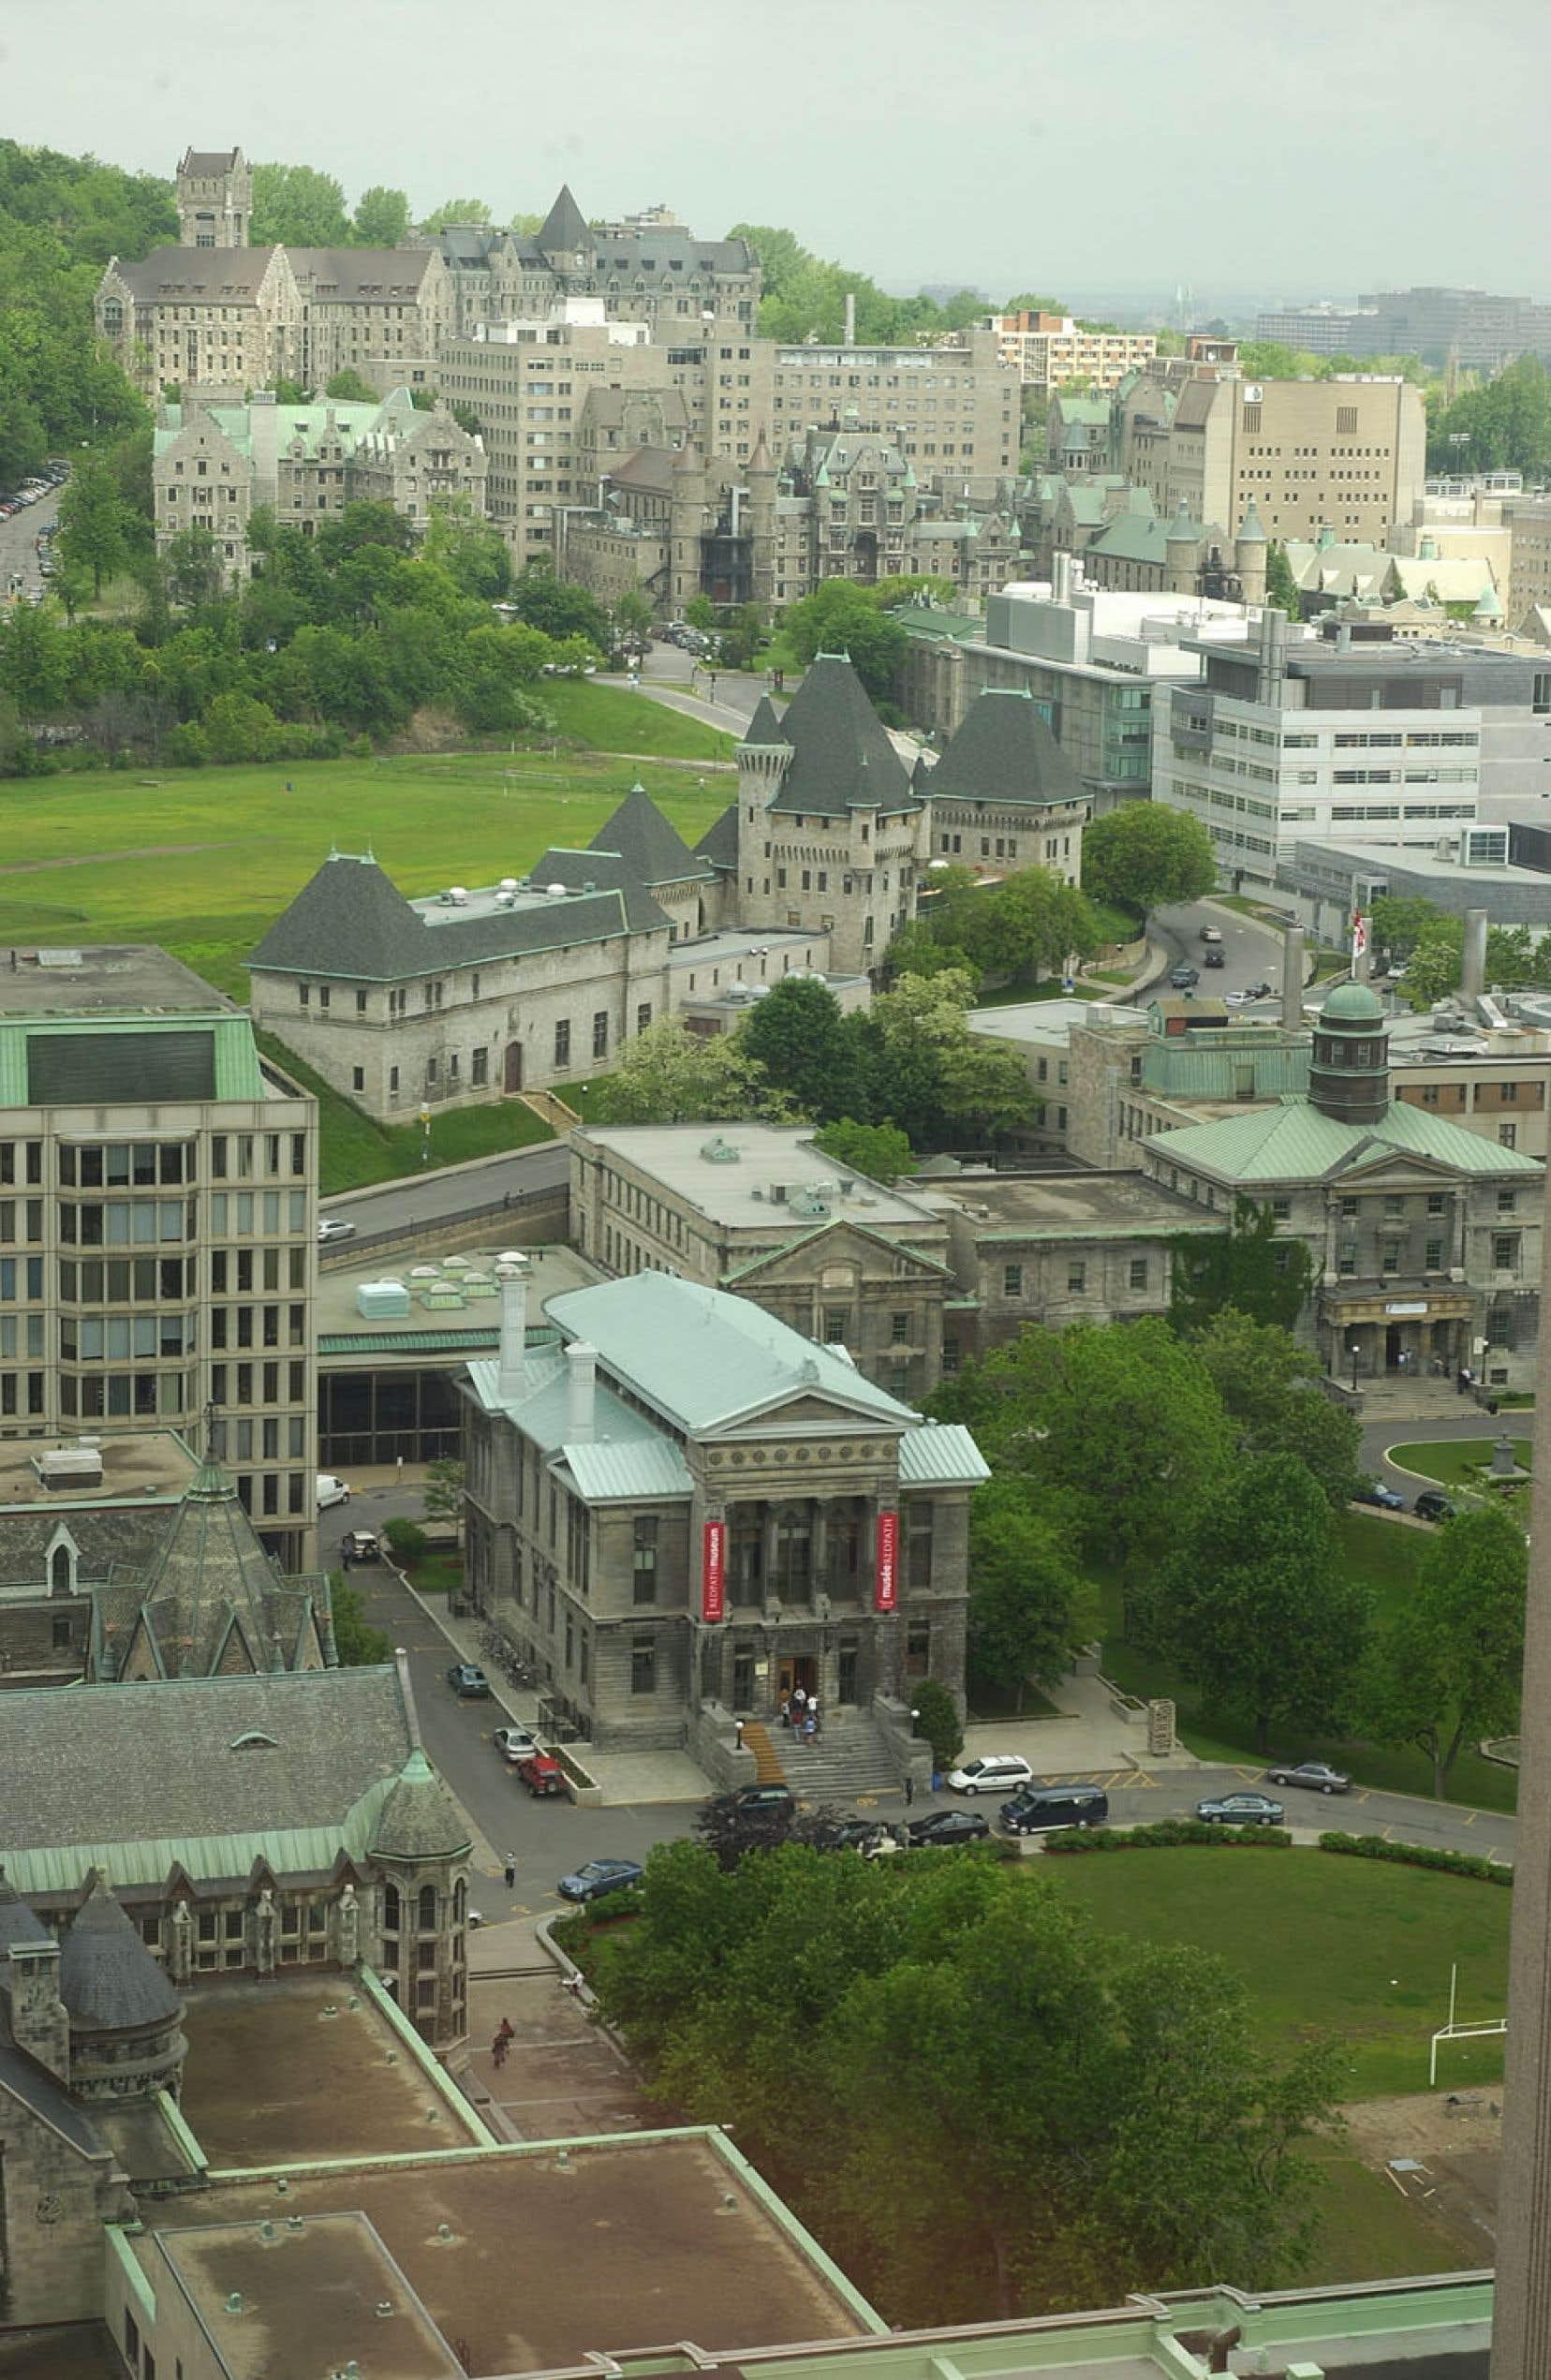 La recherche dans cet établissement montréalais fondé en 1821 s'inscrit dans une longue tradition.